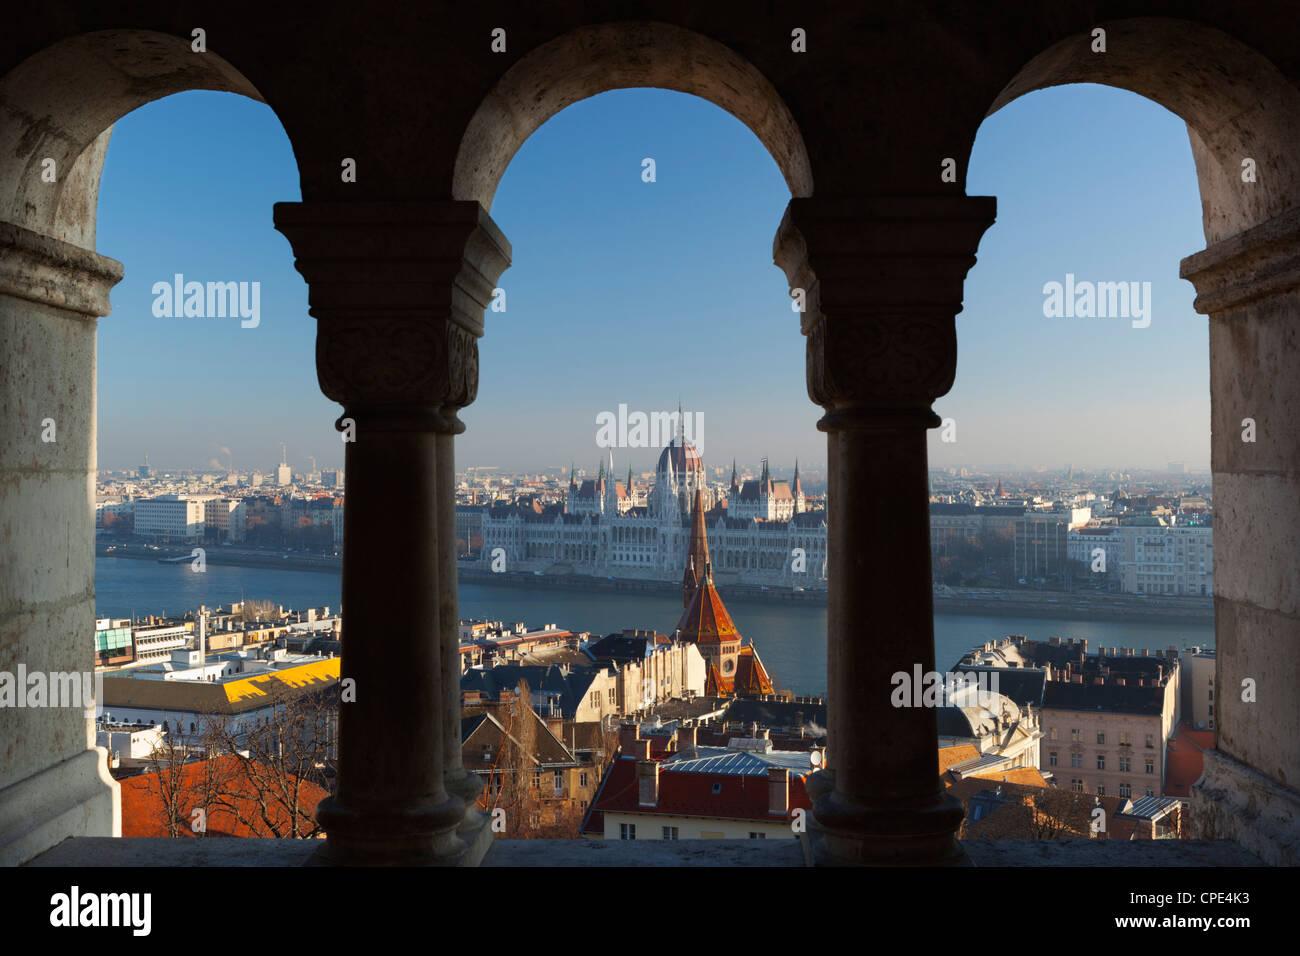 Il Parlamento (Orszaghaz) e il fiume Danubio attraverso gli archi del Bastione dei Pescatori (Halaszbastya), Buda, Foto Stock